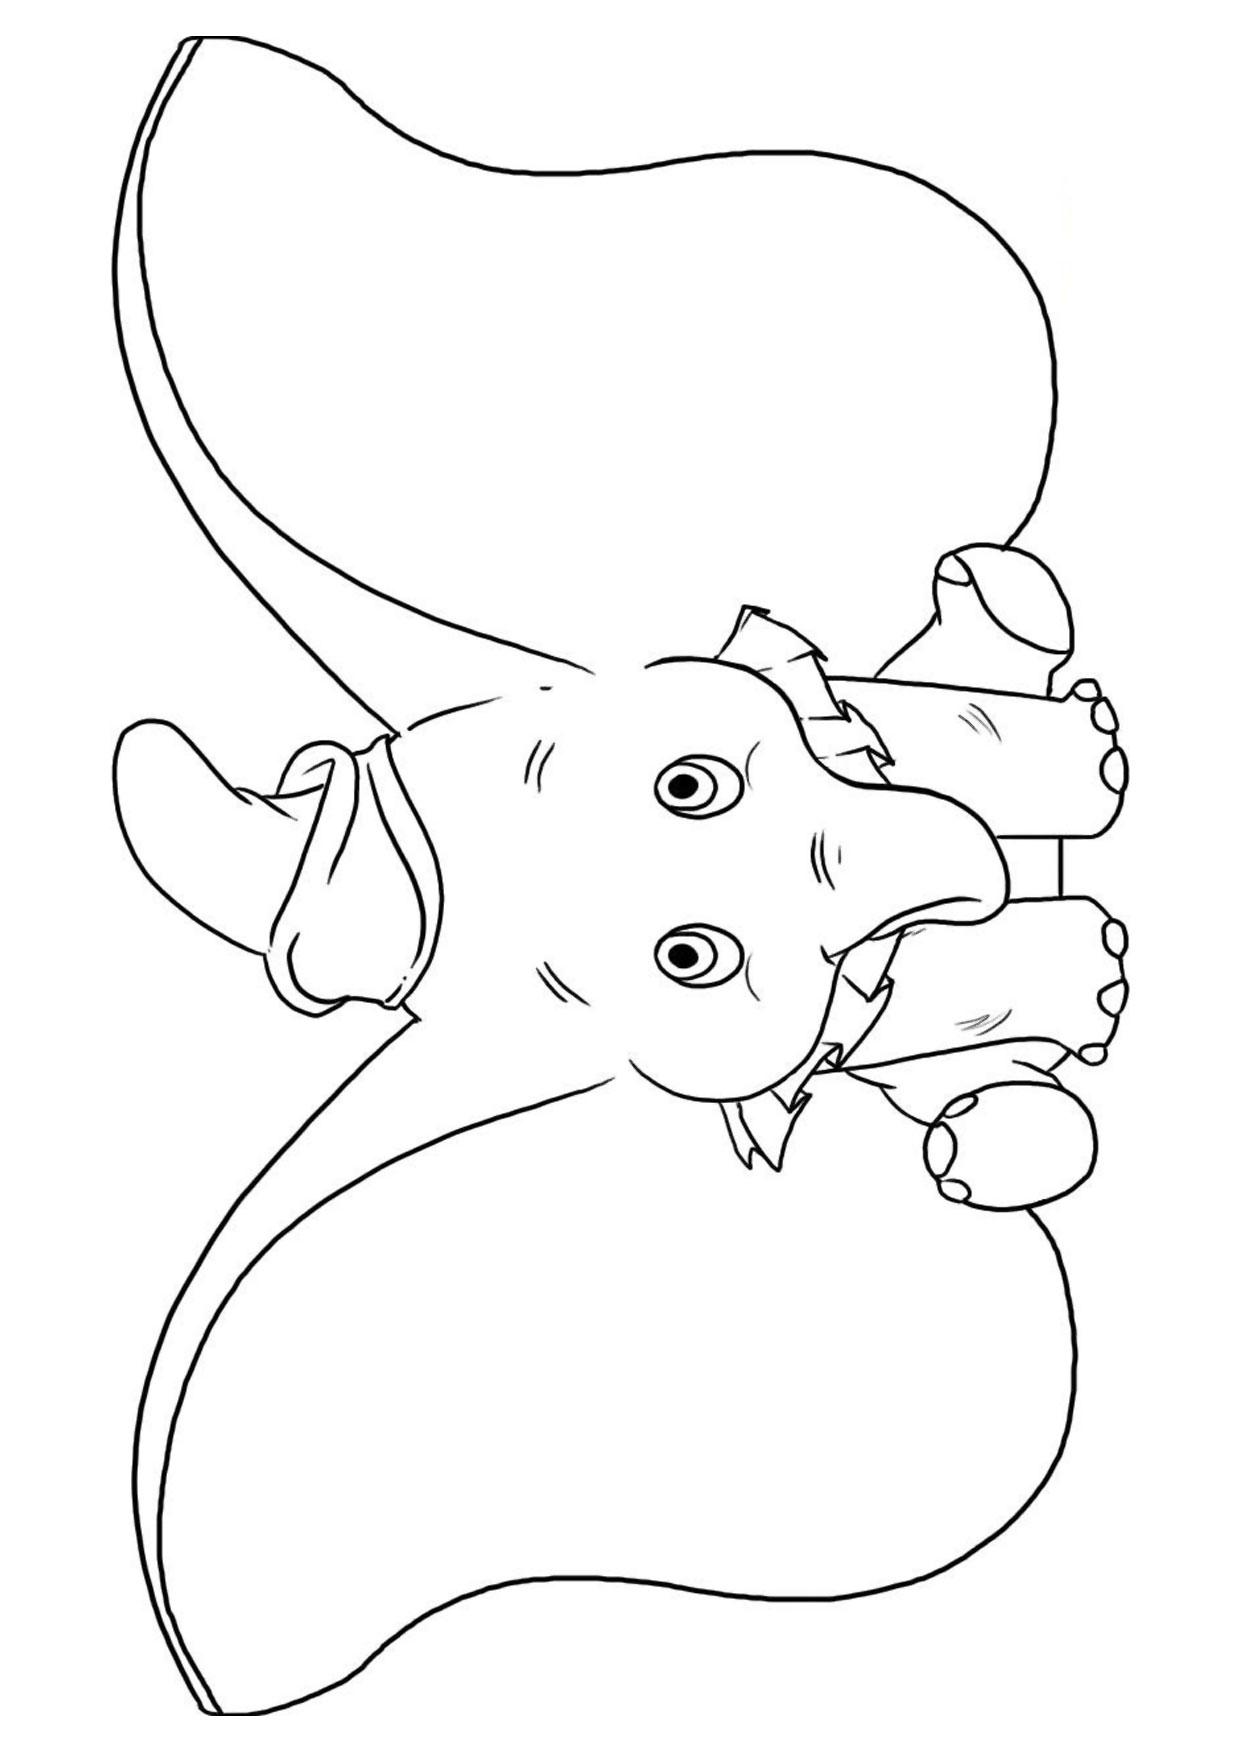 Disegno di Elefante Cartoon da colorare 11